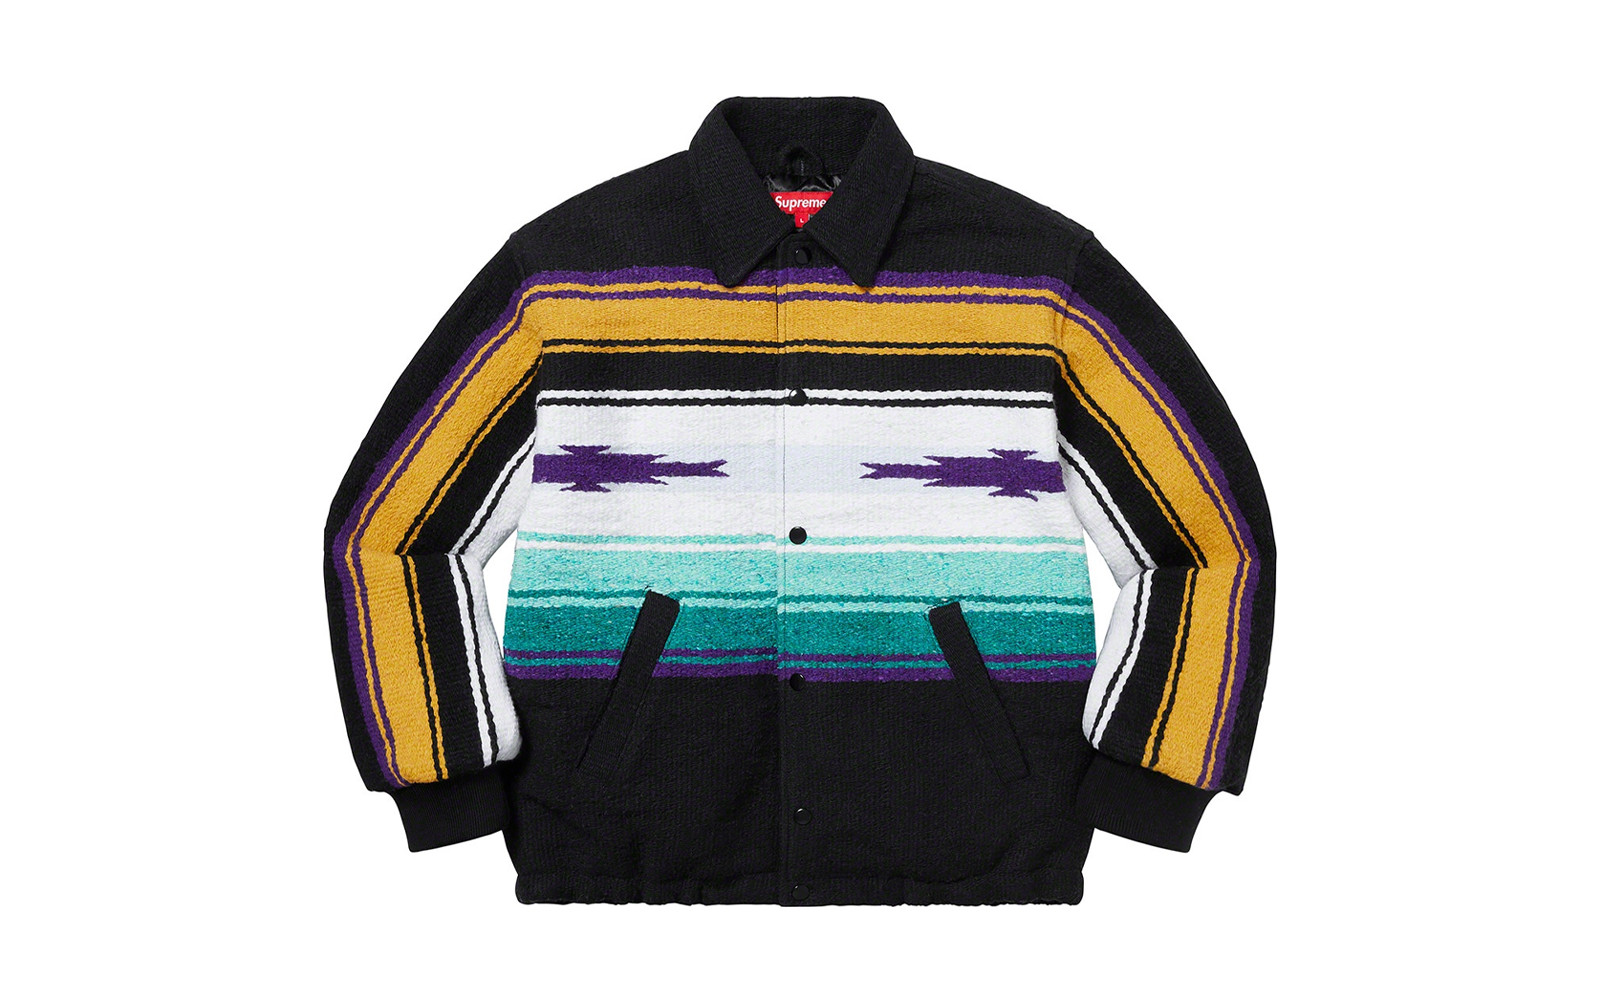 Supreme Tlaxcala Blanket Jacket